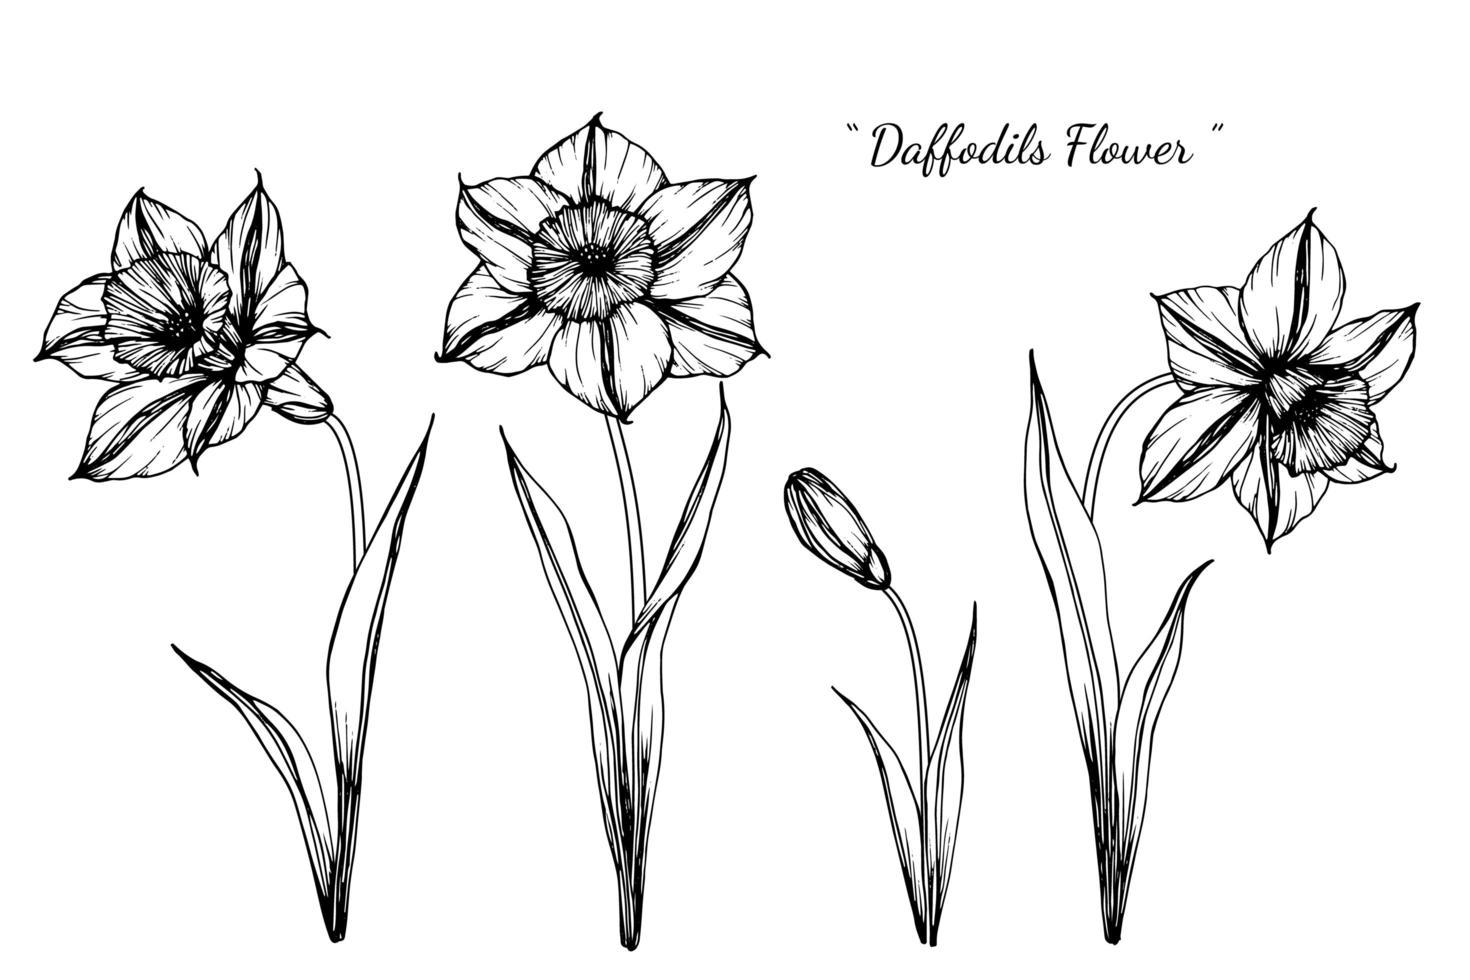 conception de fleurs et de feuilles jonquilles dessinés à la main vecteur